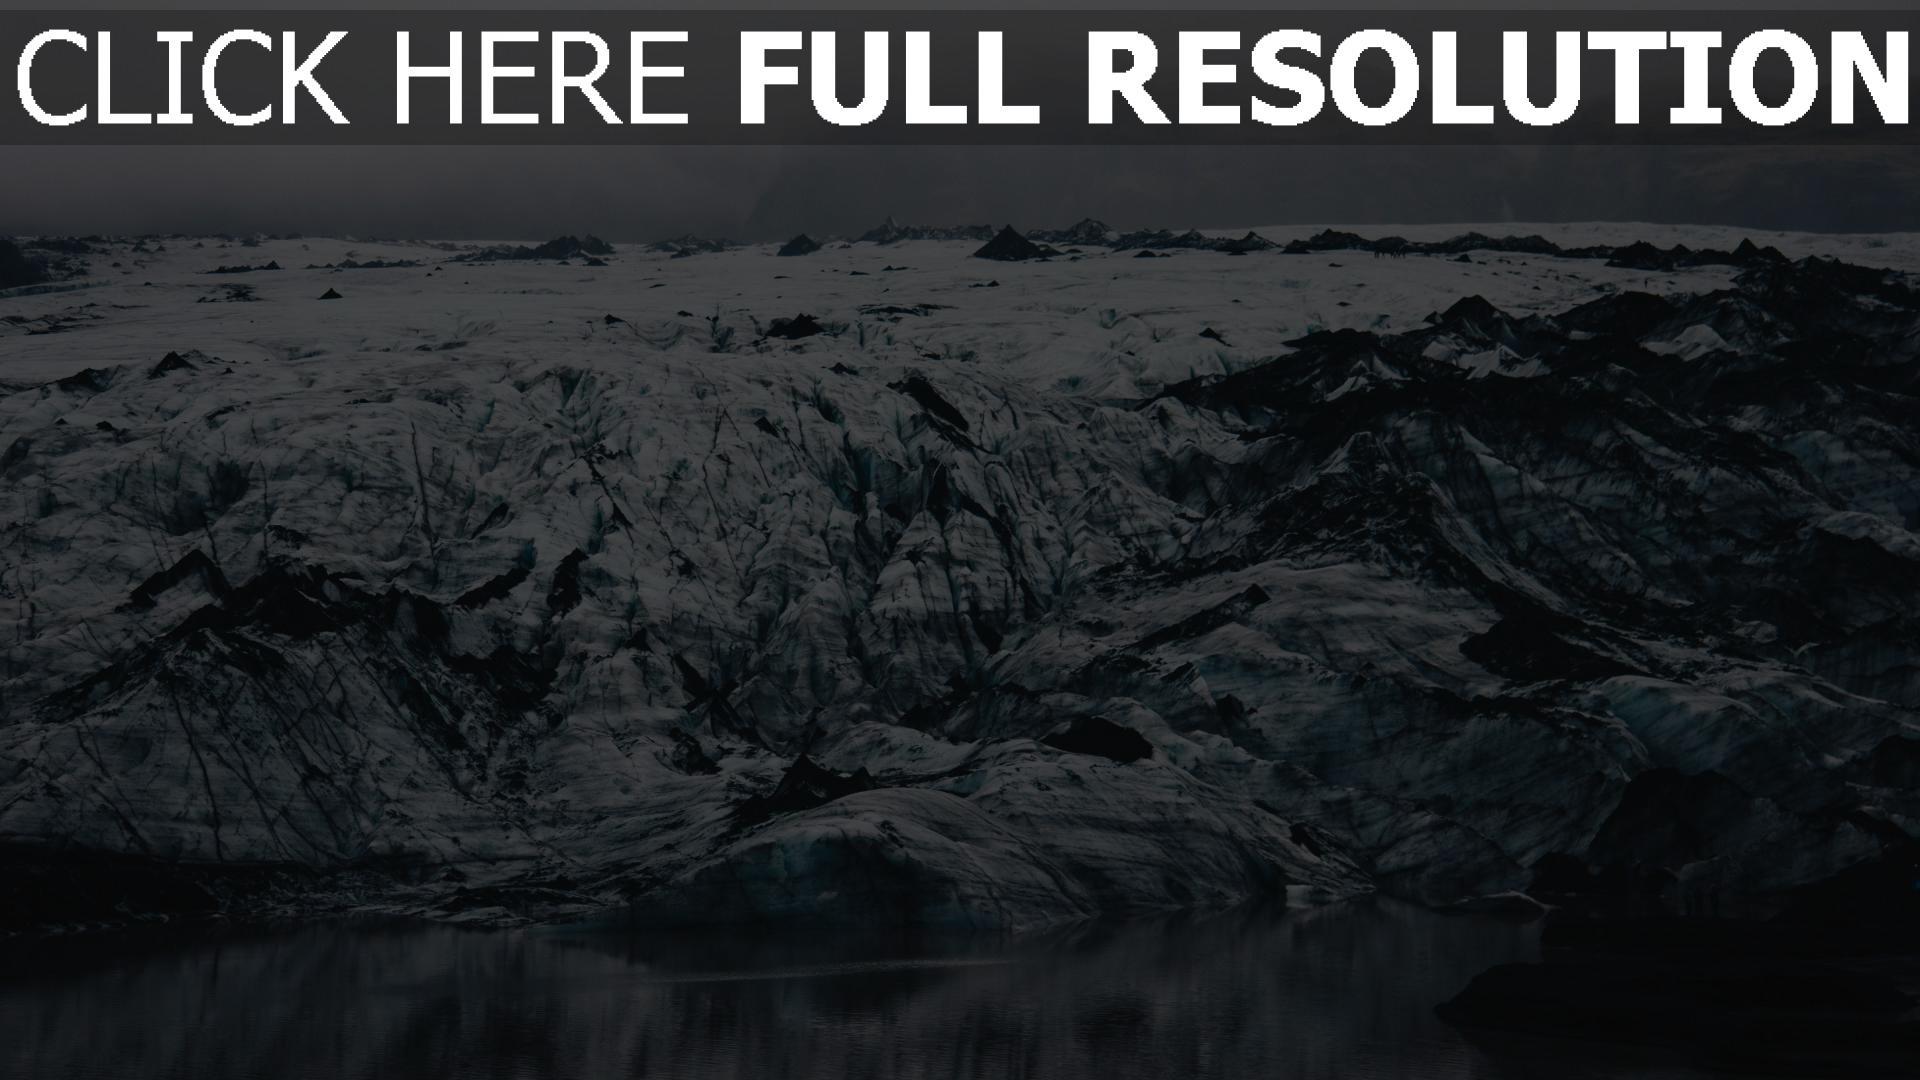 hd hintergrundbilder eis island ufer eisschollen 1920x1080